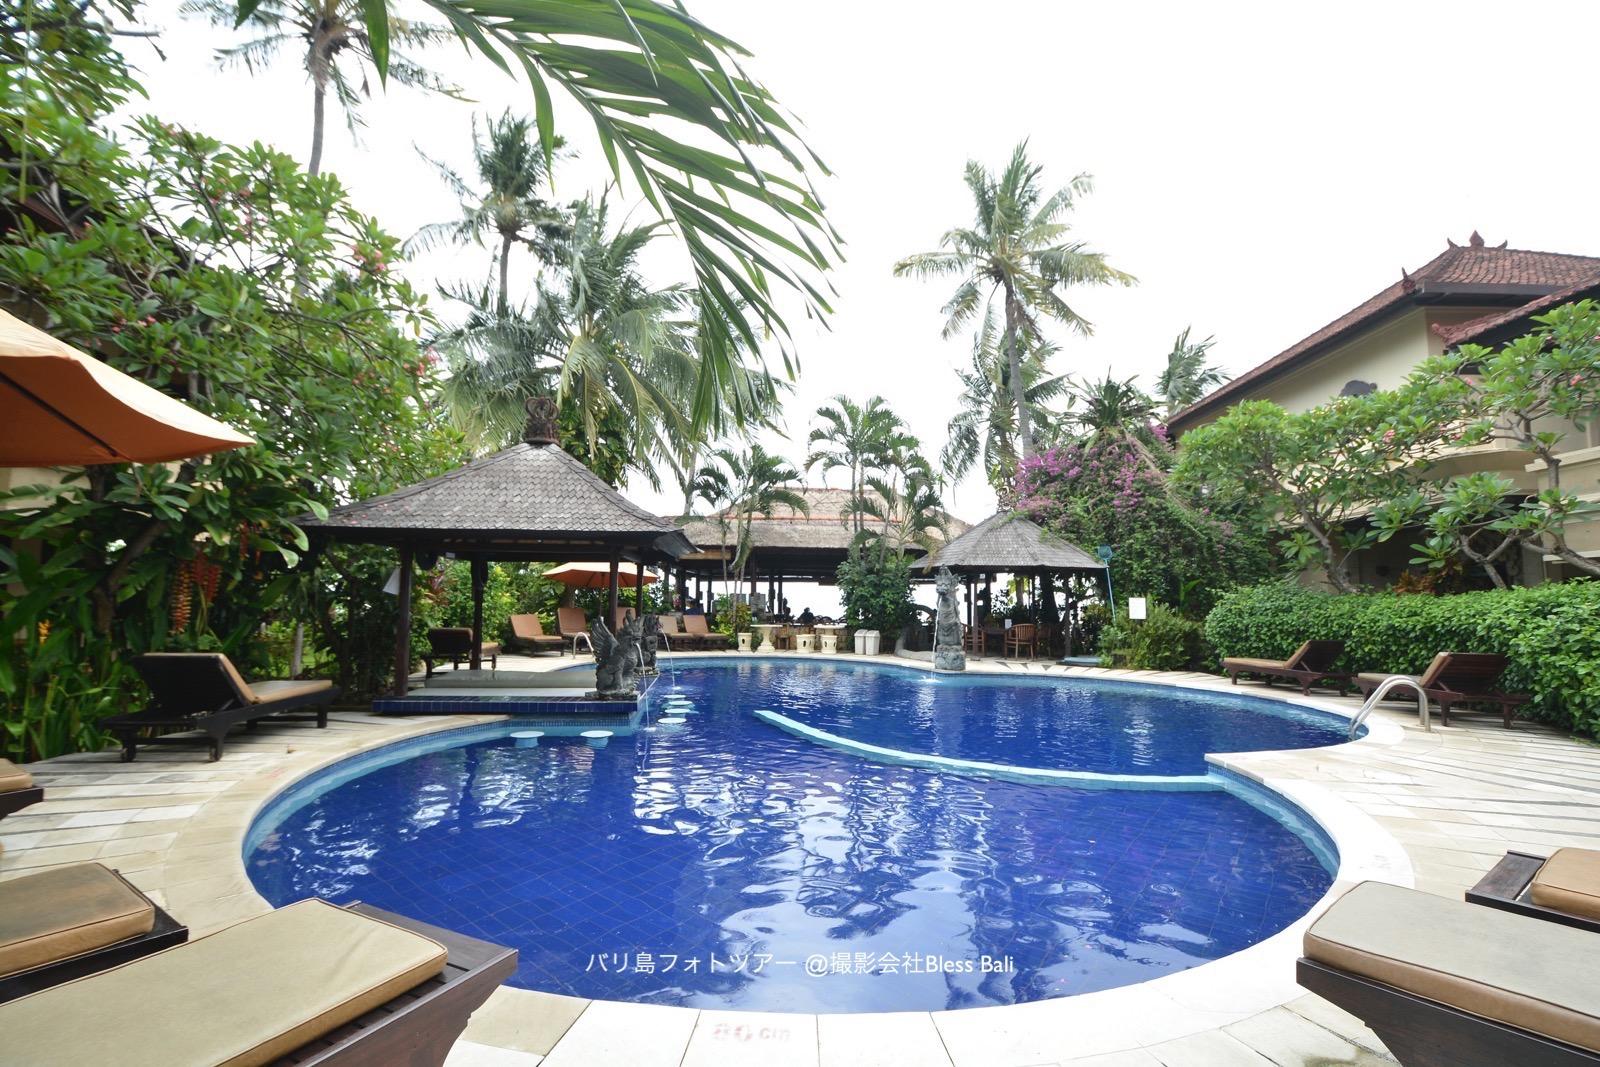 ホテルのひょうたん型プール